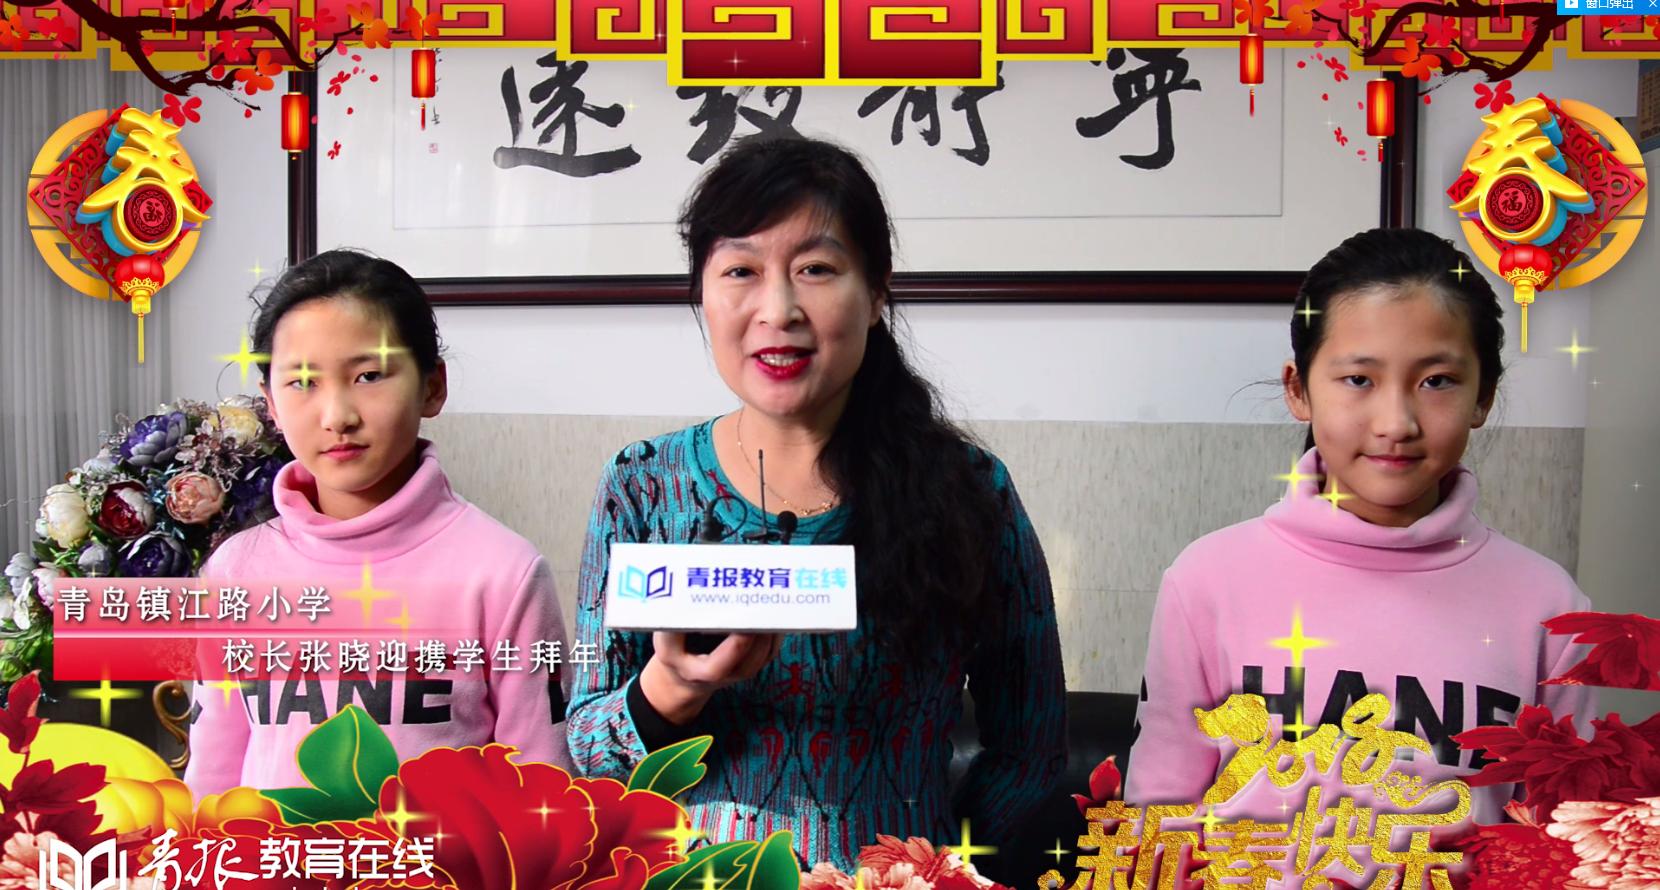 【视频】青岛镇江路小学给您拜年啦!